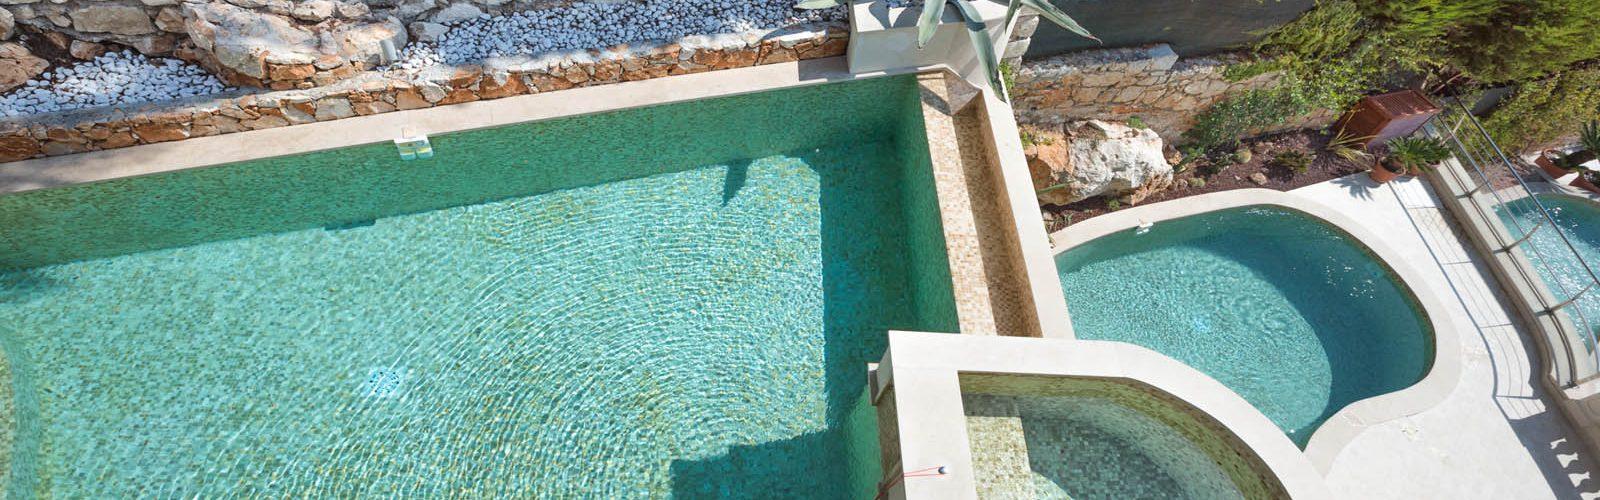 Tempo di progettare la piscina dei tuoi sogni